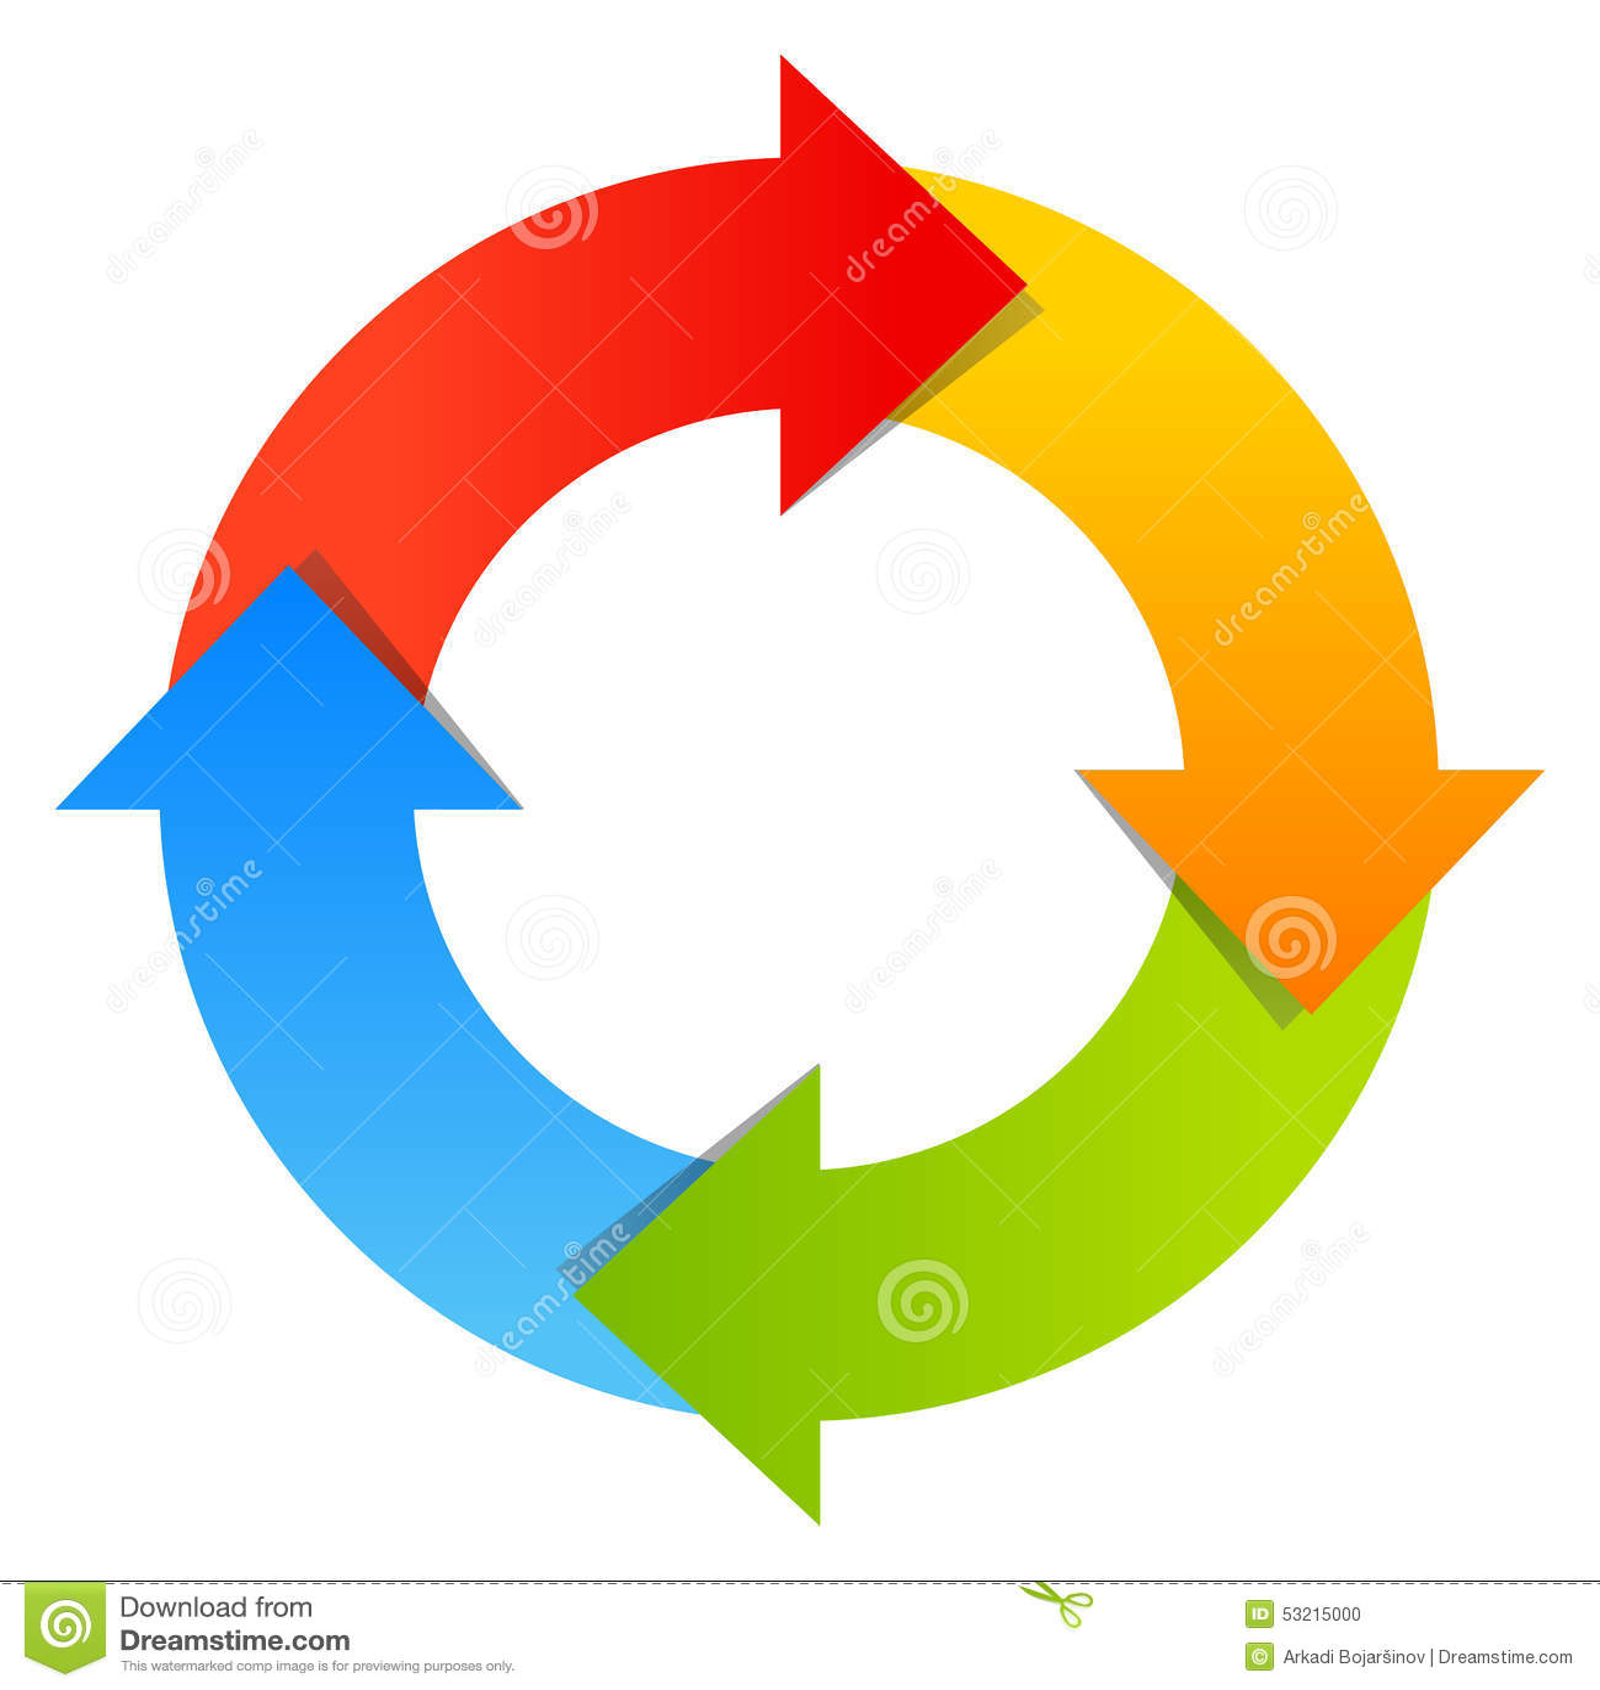 free circular arrow diagram template beef cuts parts of a cow arrows stock vector image 53215000